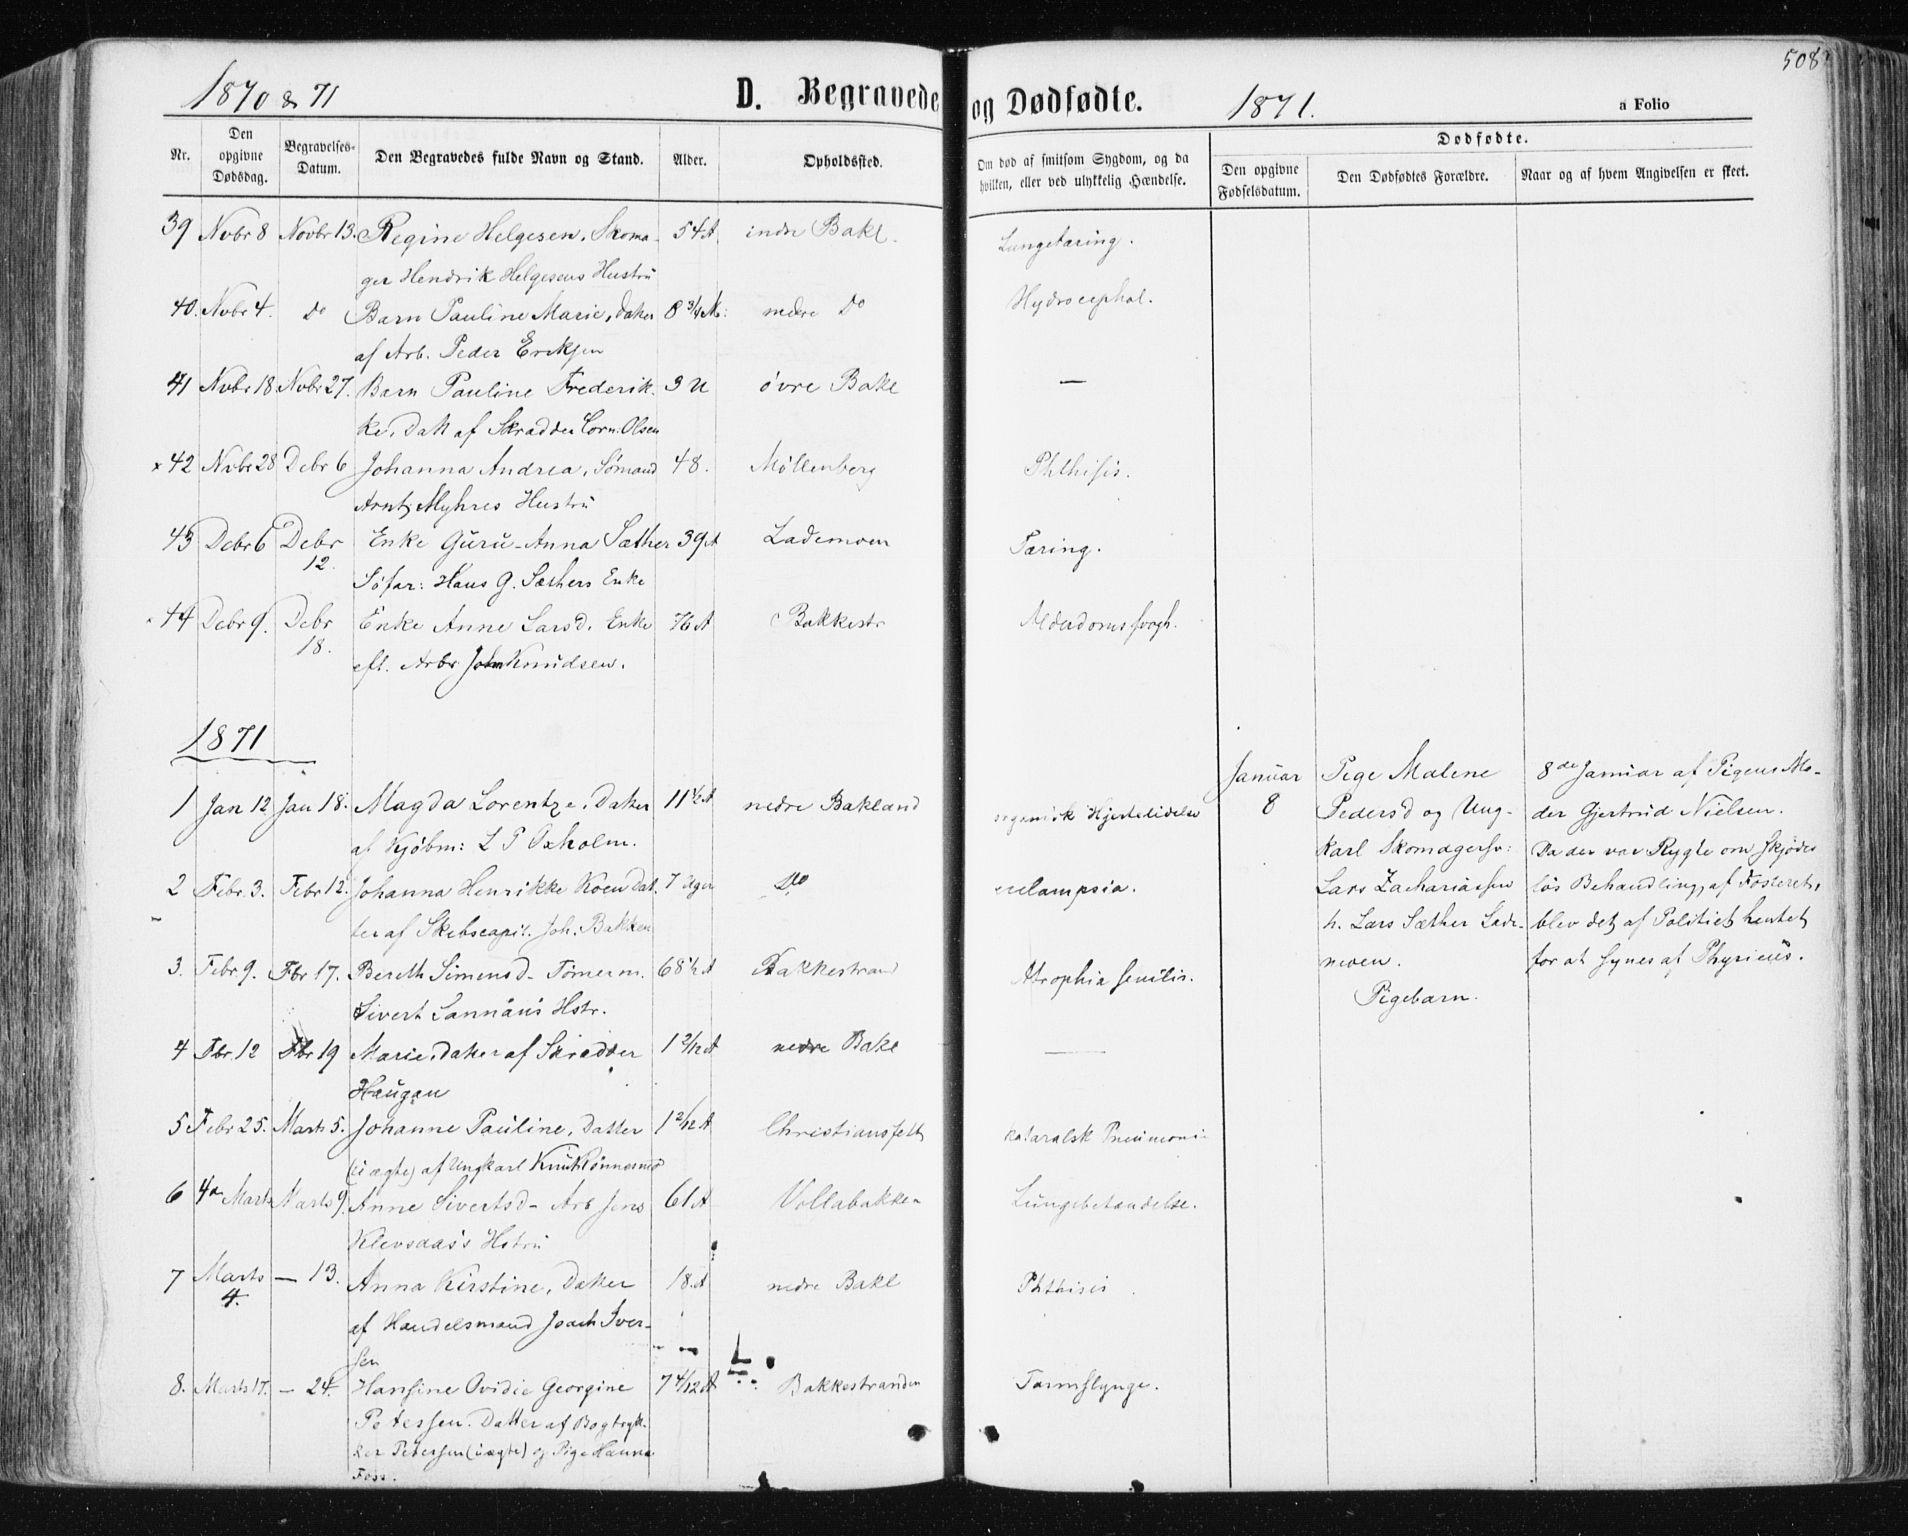 SAT, Ministerialprotokoller, klokkerbøker og fødselsregistre - Sør-Trøndelag, 604/L0186: Ministerialbok nr. 604A07, 1866-1877, s. 508